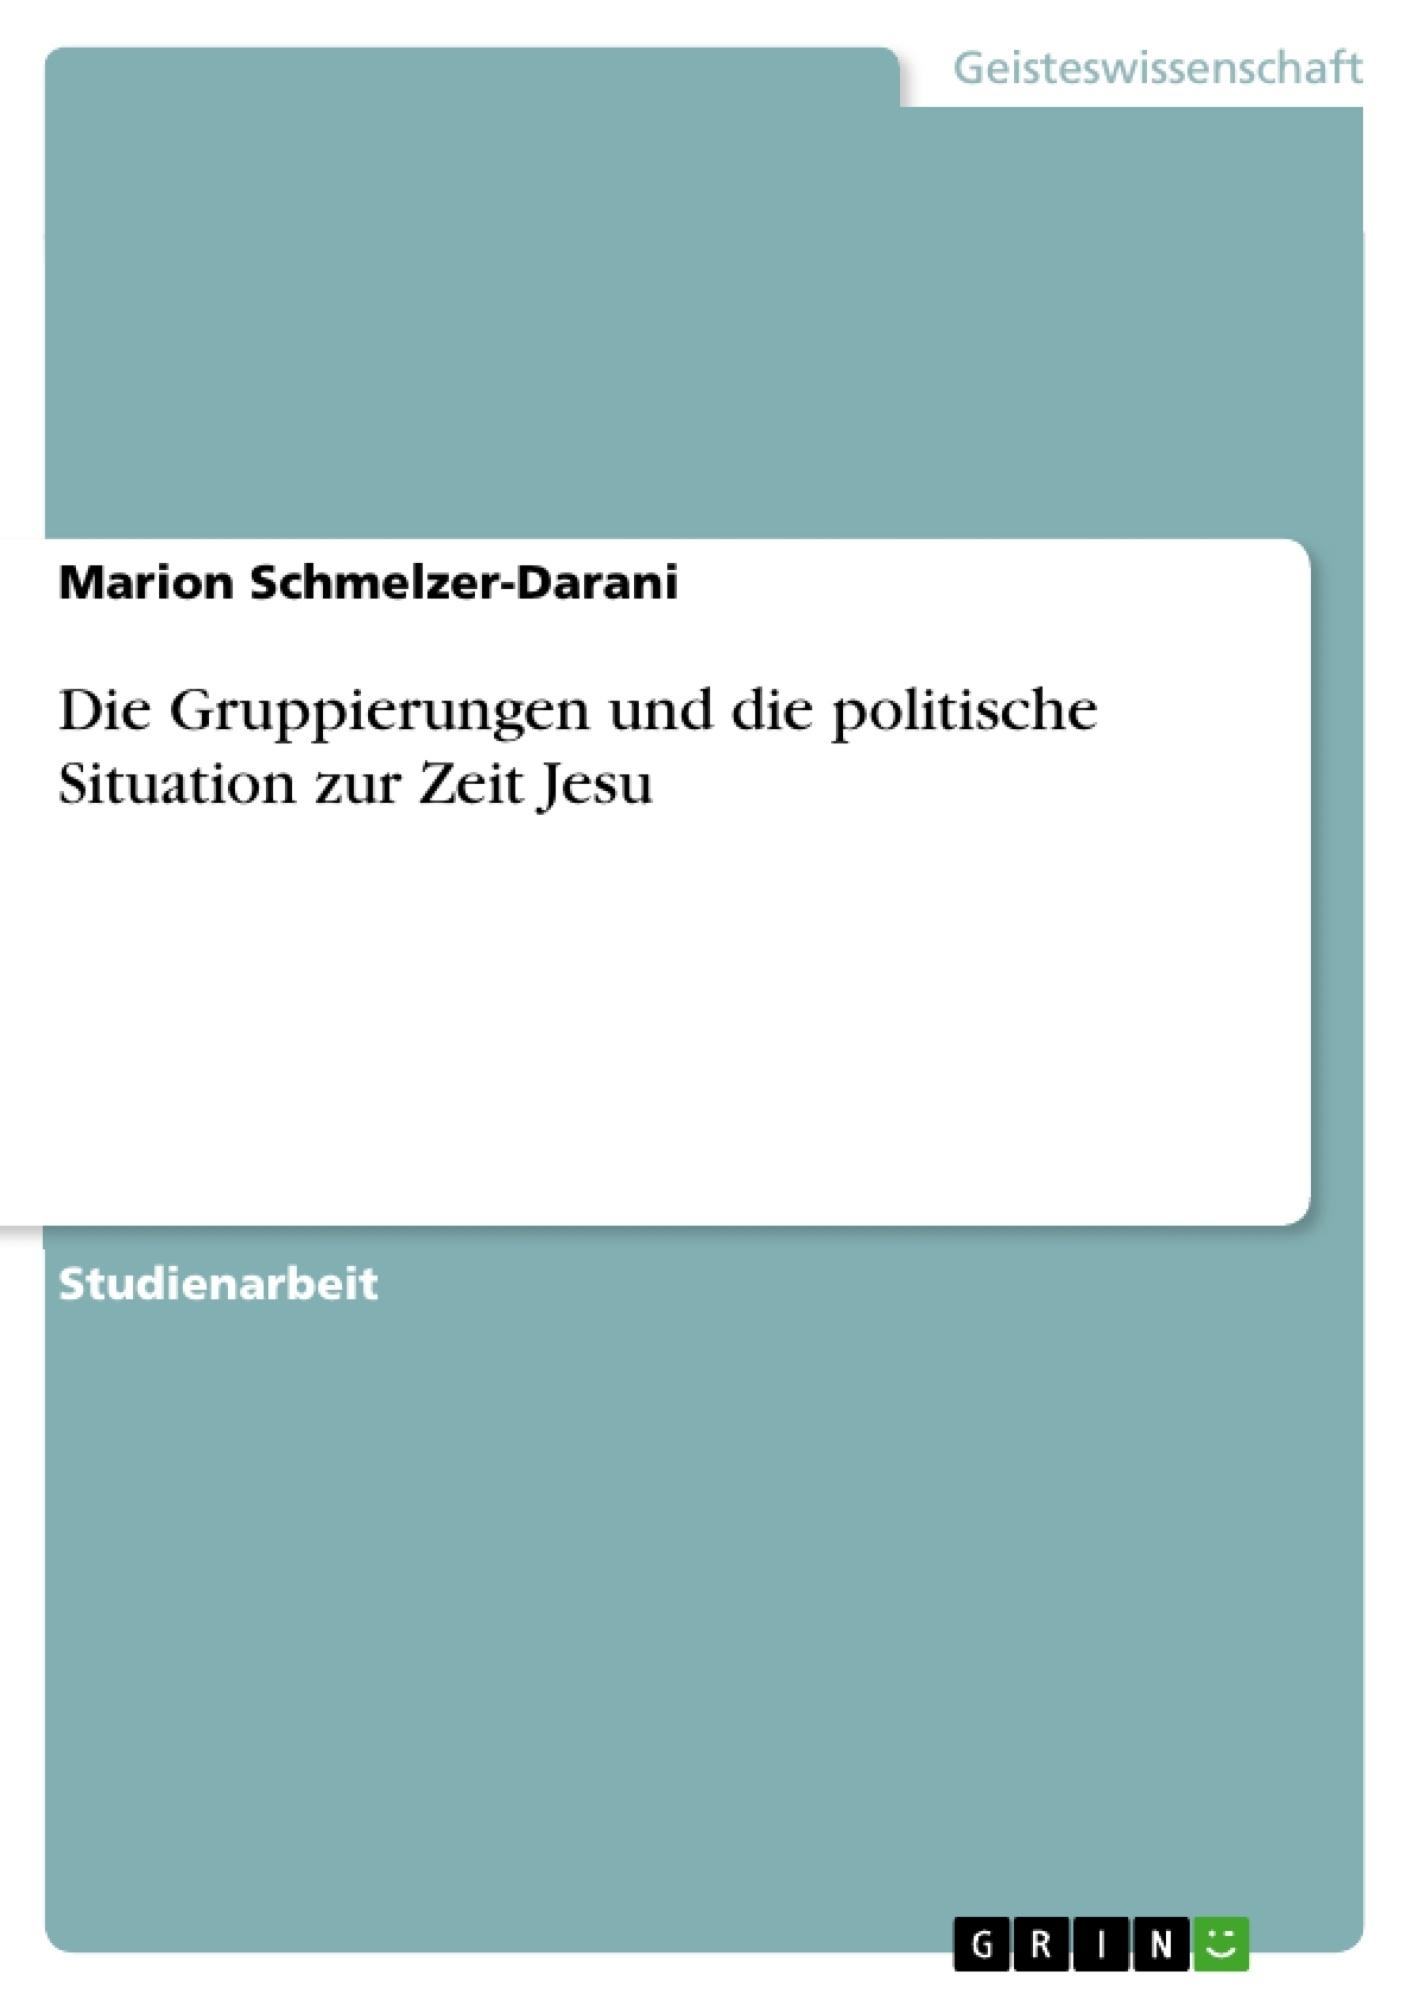 Titel: Die Gruppierungen und die politische Situation zur Zeit Jesu